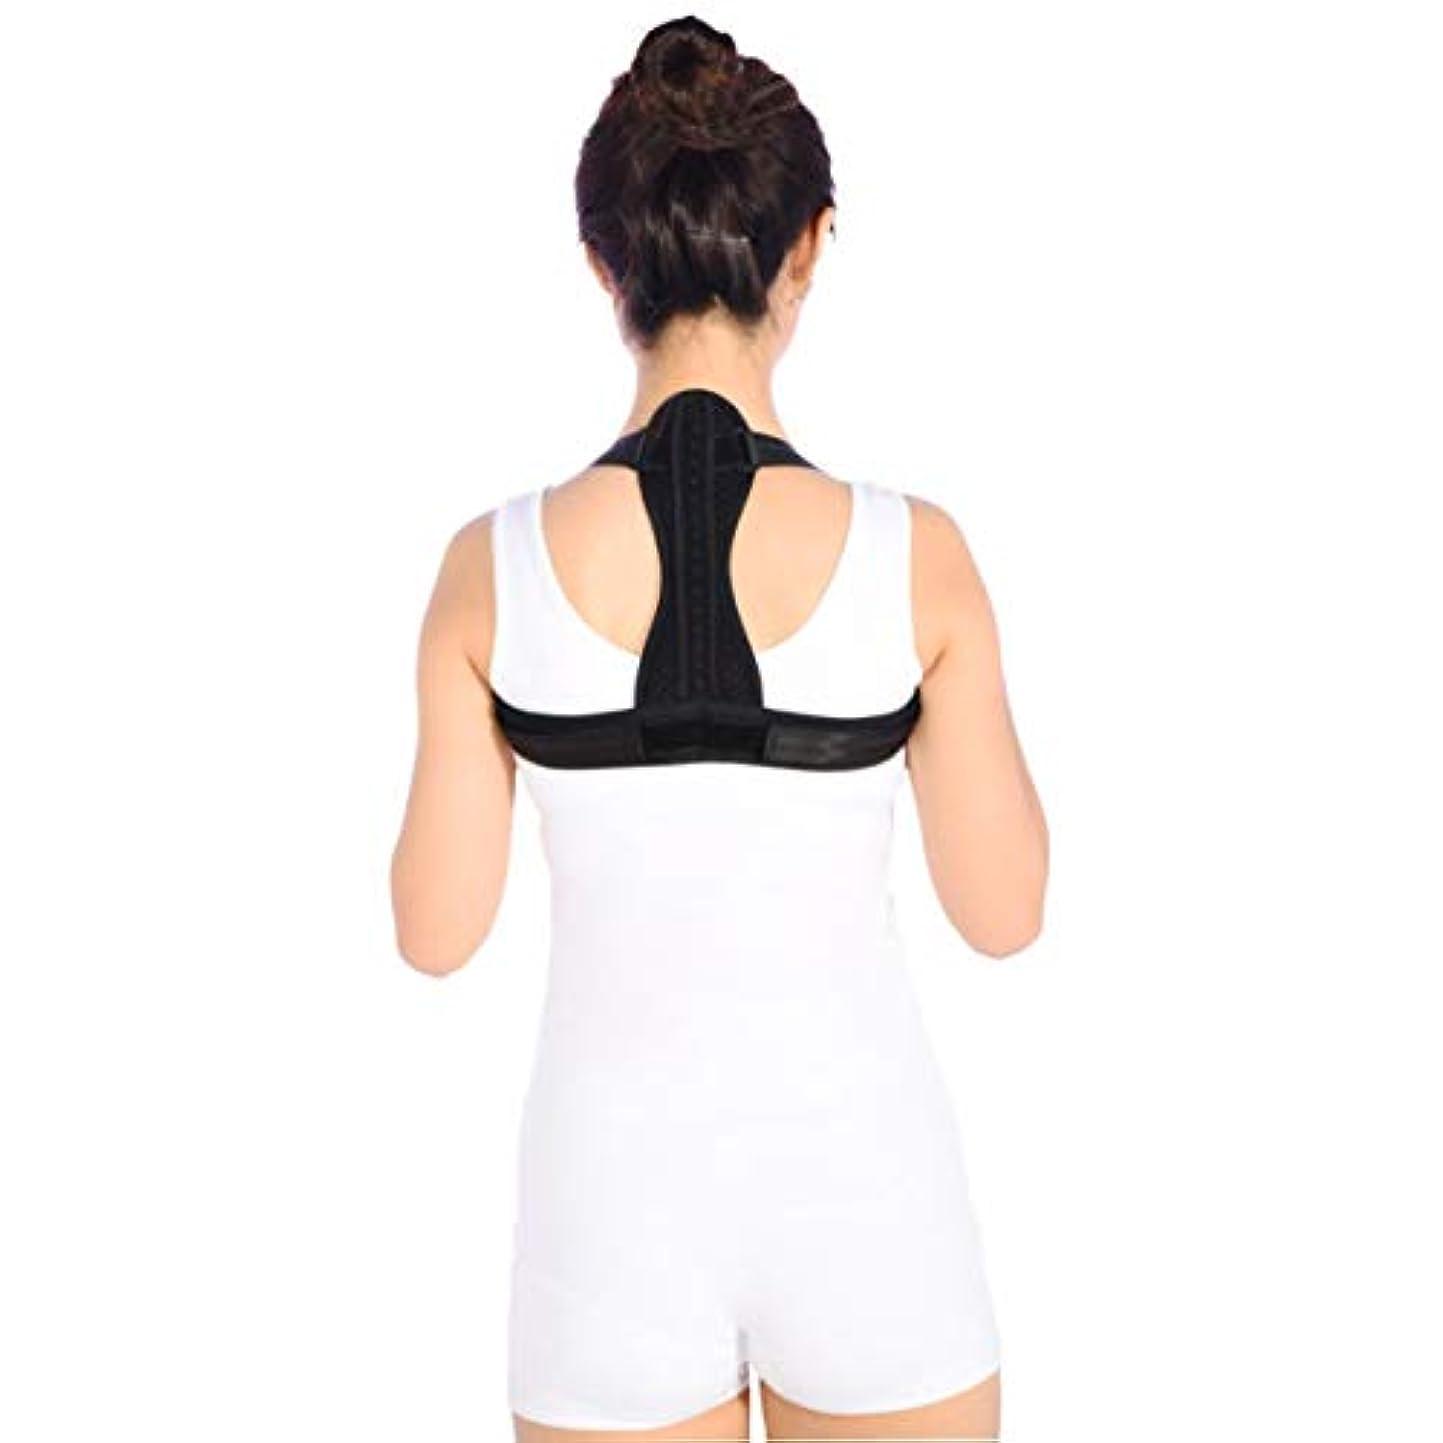 ドナウ川チーズナンセンス通気性の脊柱側弯症ザトウクジラ補正ベルト調節可能な快適さ目に見えないベルト男性女性大人学生子供 - 黒